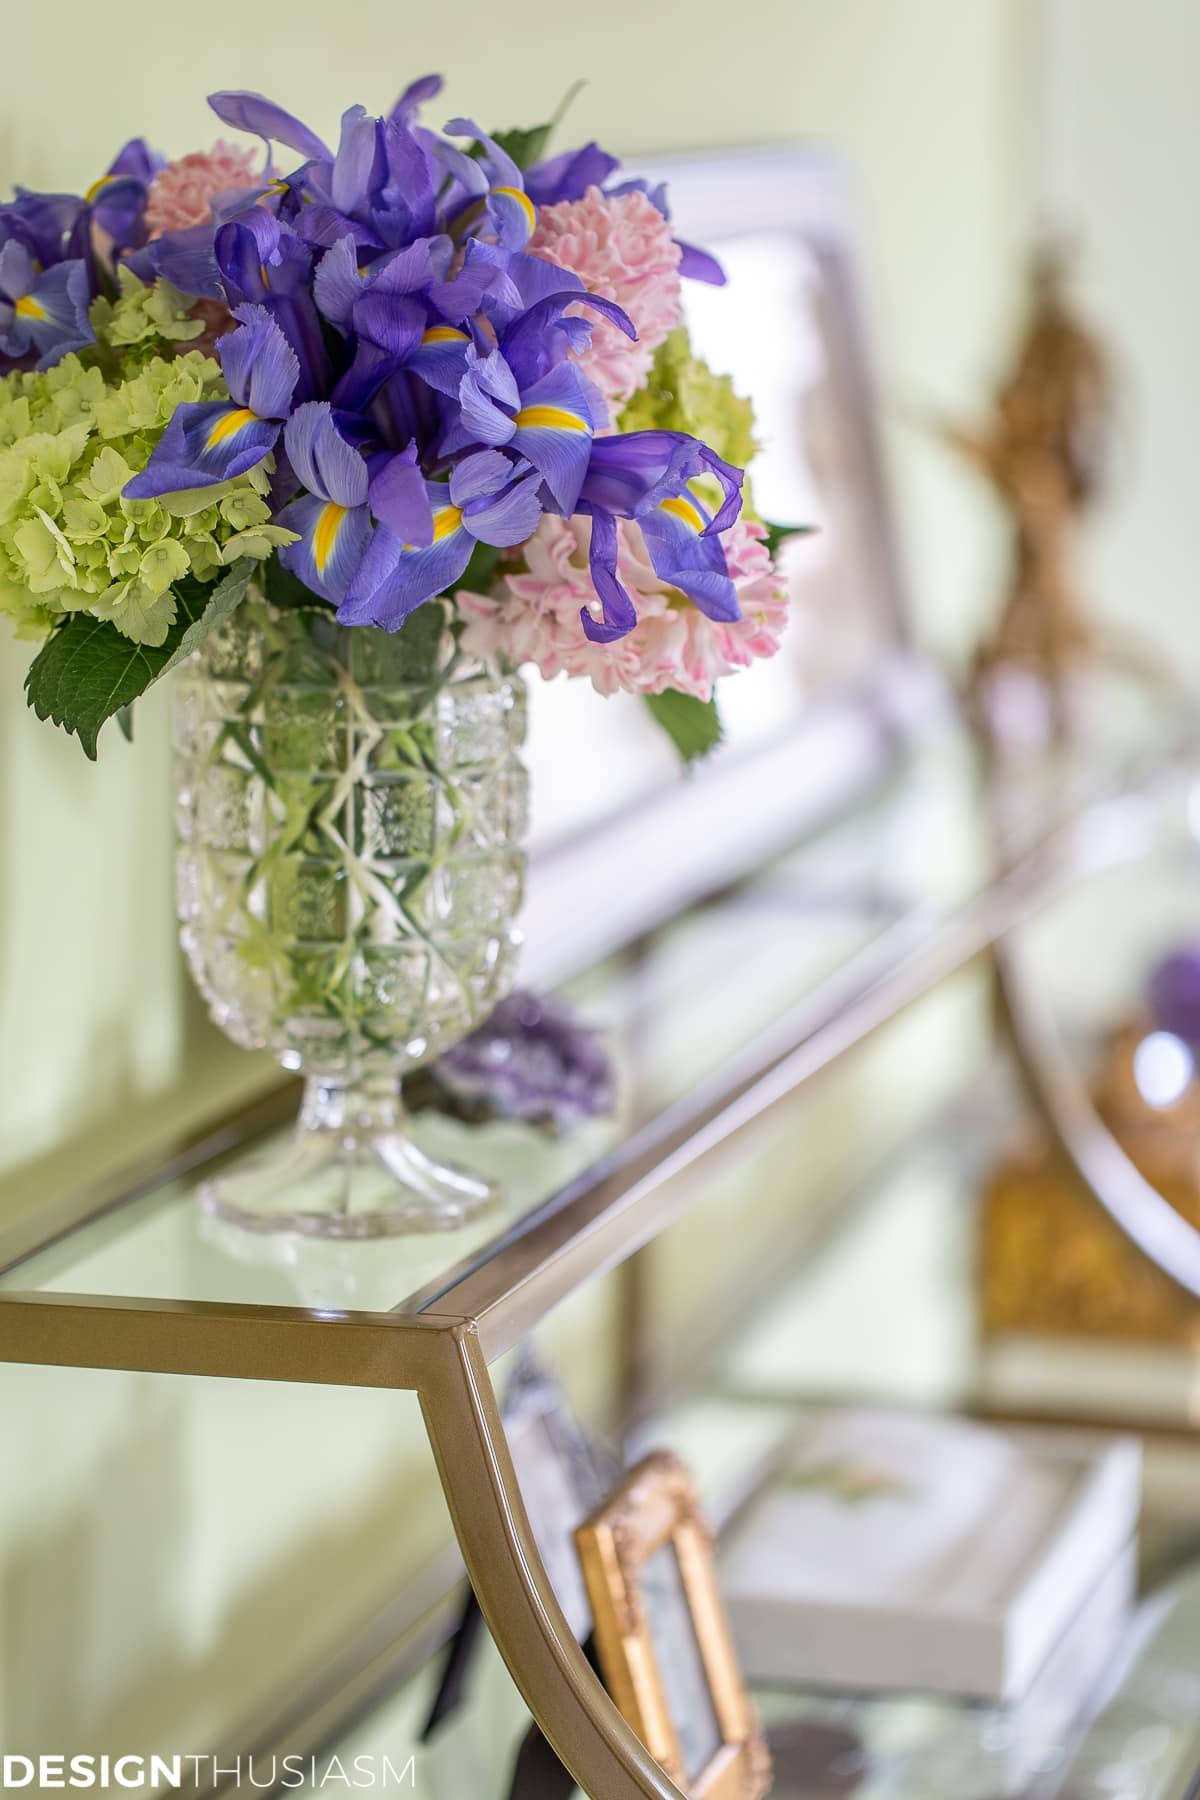 floral on bedroom shelf unit